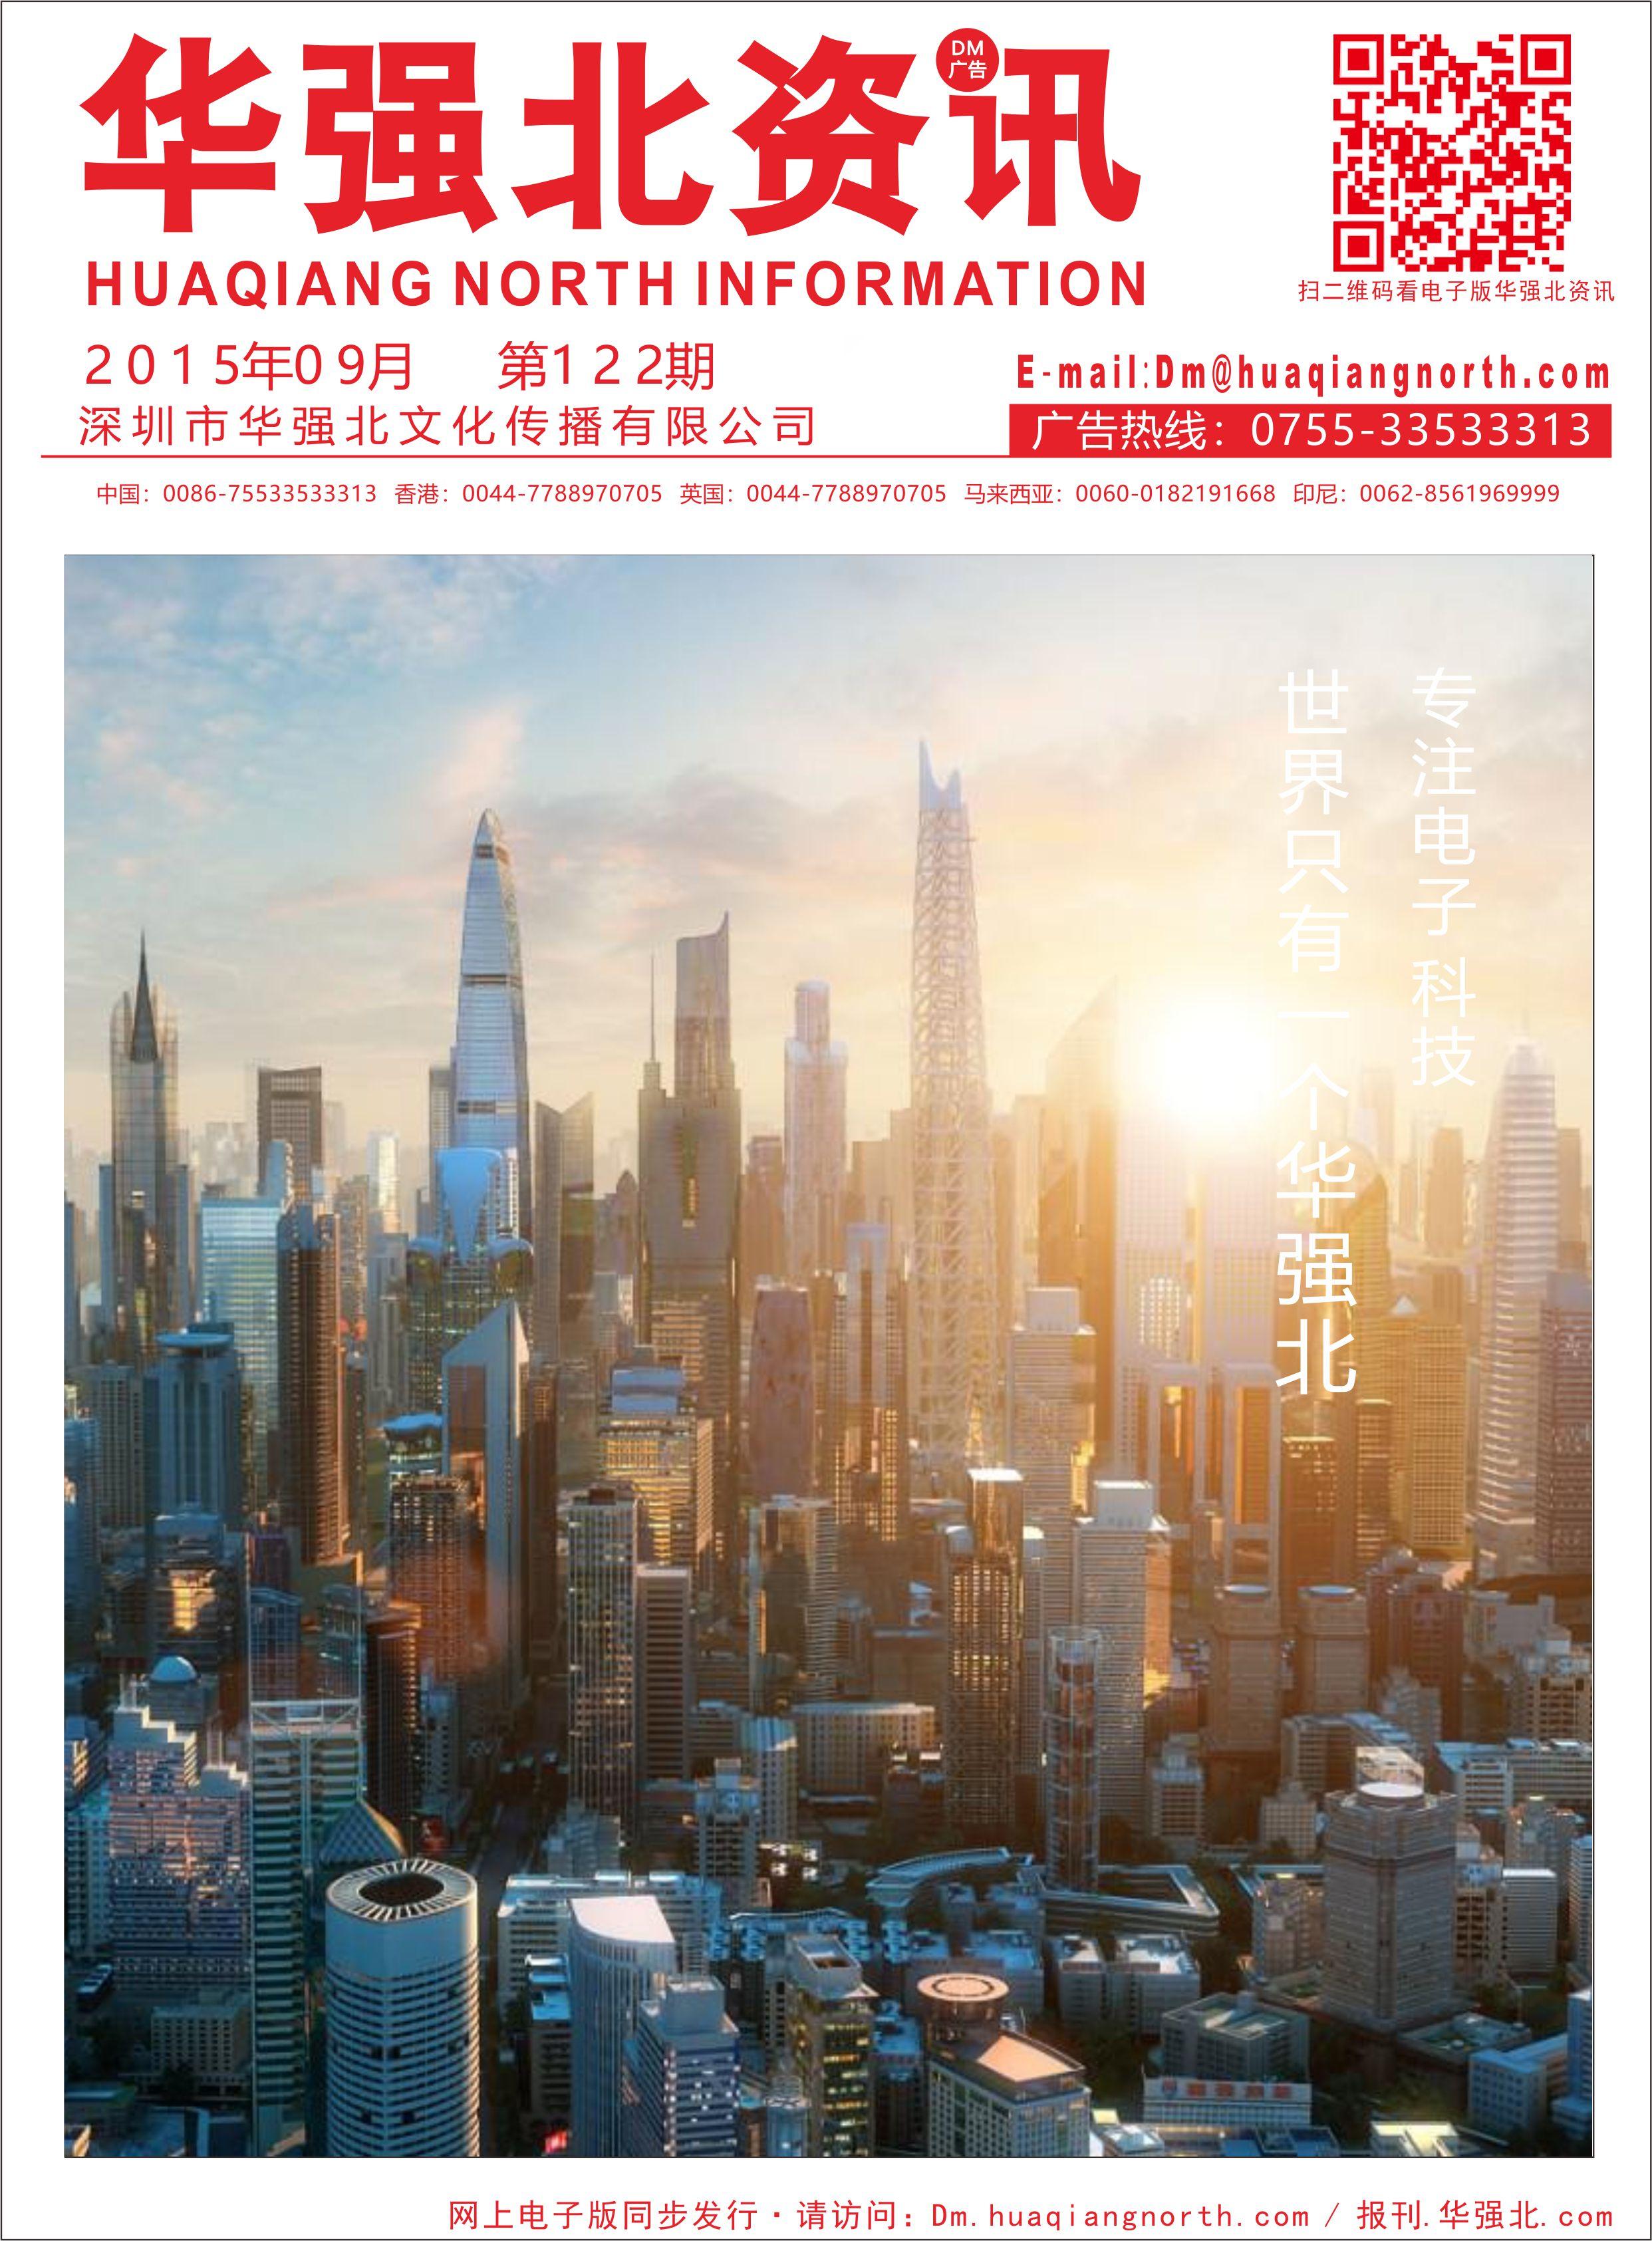 华强北资讯第122期